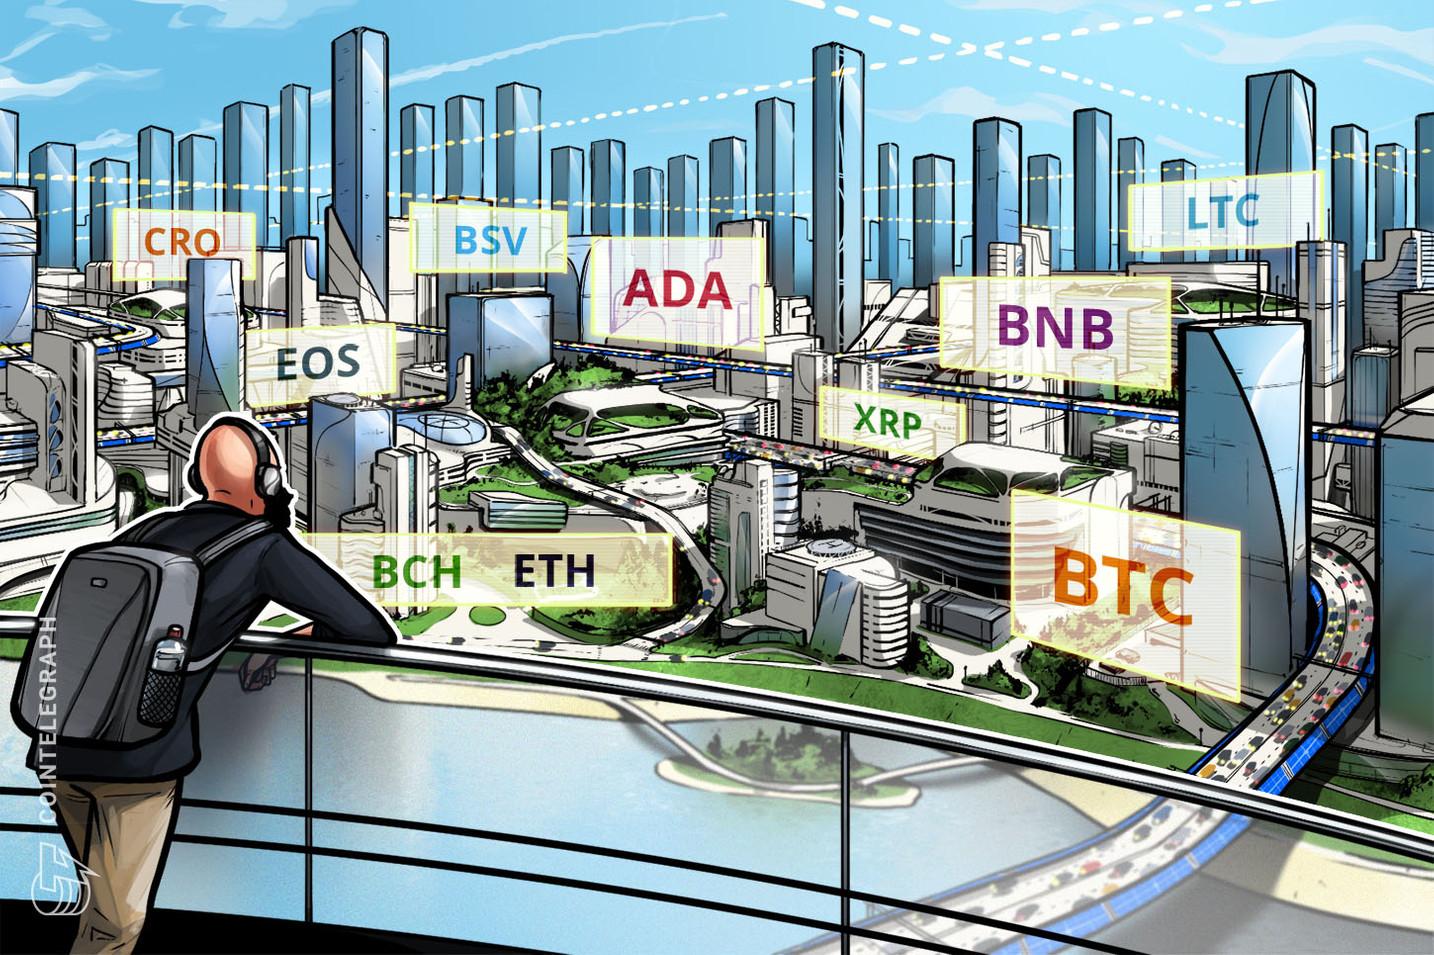 BTCは9600ドル突破に苦戦 ビットコイン・イーサ・XRP(リップル)・ビットコインキャッシュ・ライトコインのテクニカル分析